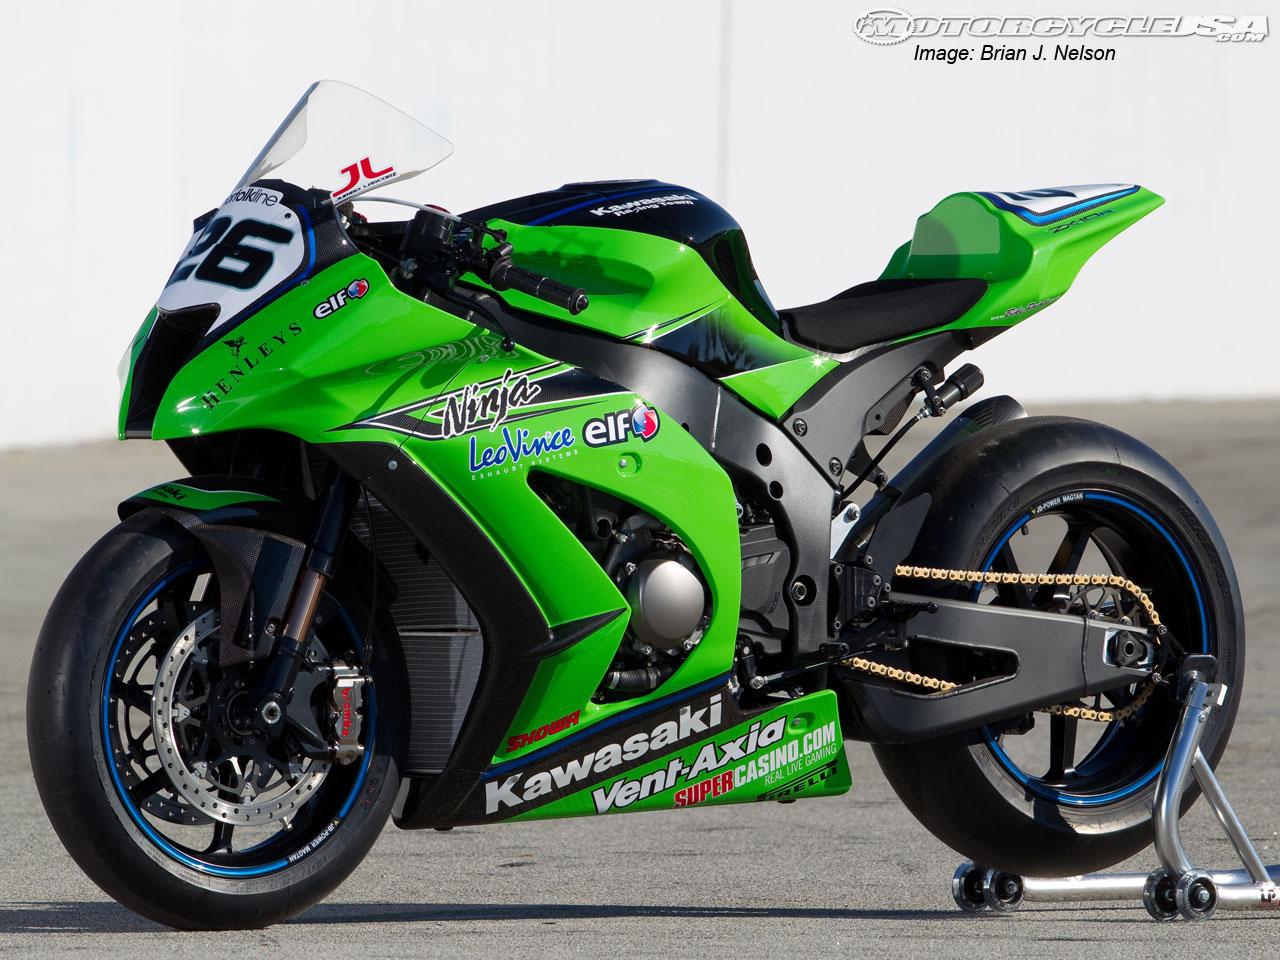 Kawasaki Motor Bikes 2011 Kawasaki Ninja Zx 10r